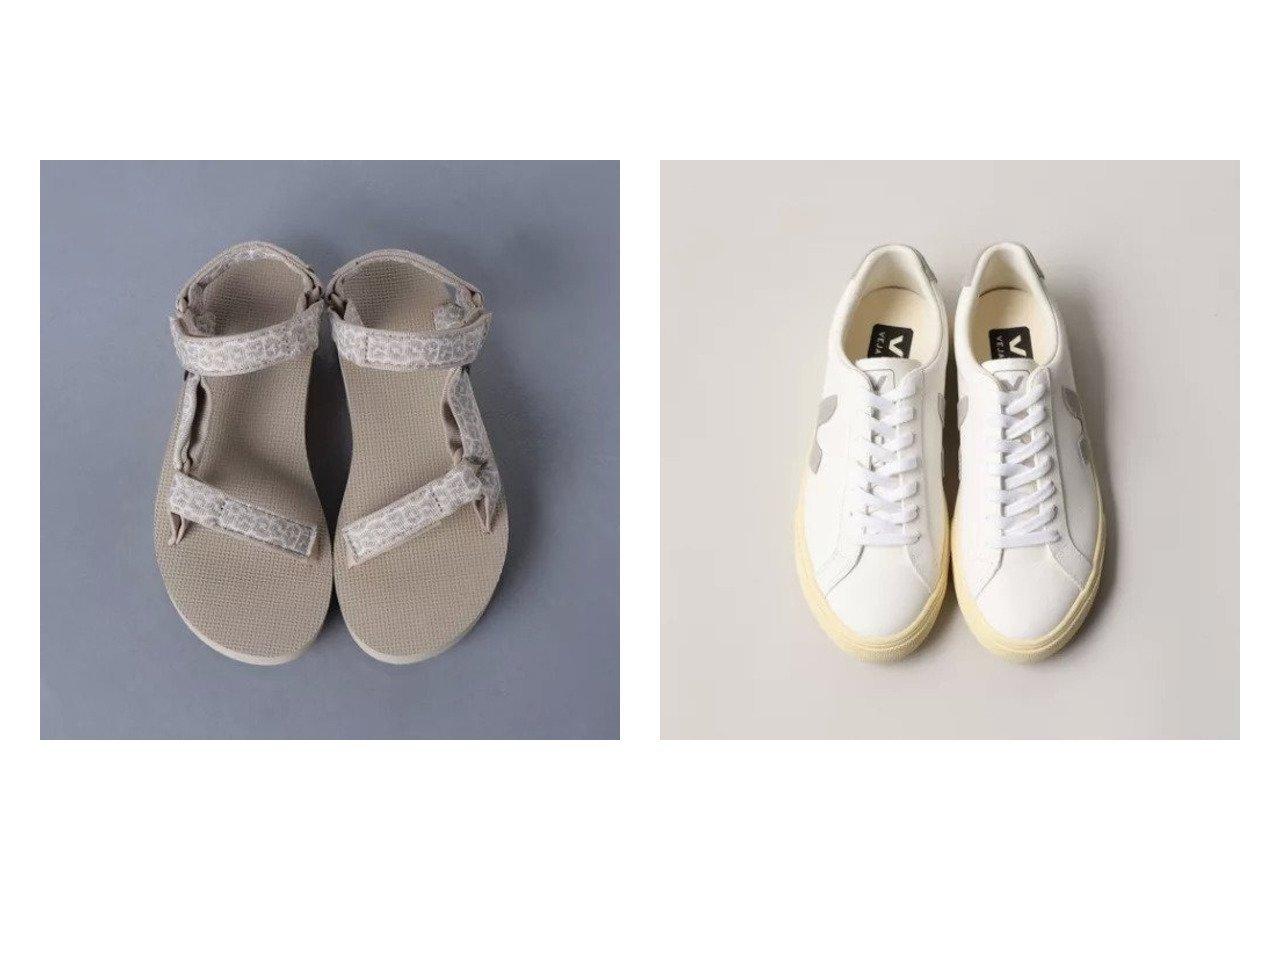 【UNITED ARROWS/ユナイテッドアローズ】のMID UNIVERSAL LEO サンダル&【Odette e Odile/オデット エ オディール】のVEJA ESPLAR 【シューズ・靴】おすすめ!人気、トレンド・レディースファッションの通販 おすすめで人気の流行・トレンド、ファッションの通販商品 メンズファッション・キッズファッション・インテリア・家具・レディースファッション・服の通販 founy(ファニー) https://founy.com/ ファッション Fashion レディースファッション WOMEN サンダル シューズ スニーカー スポーツ 人気 バランス ビーチ ラップ レオパード おすすめ Recommend シンプル モダン |ID:crp329100000036727